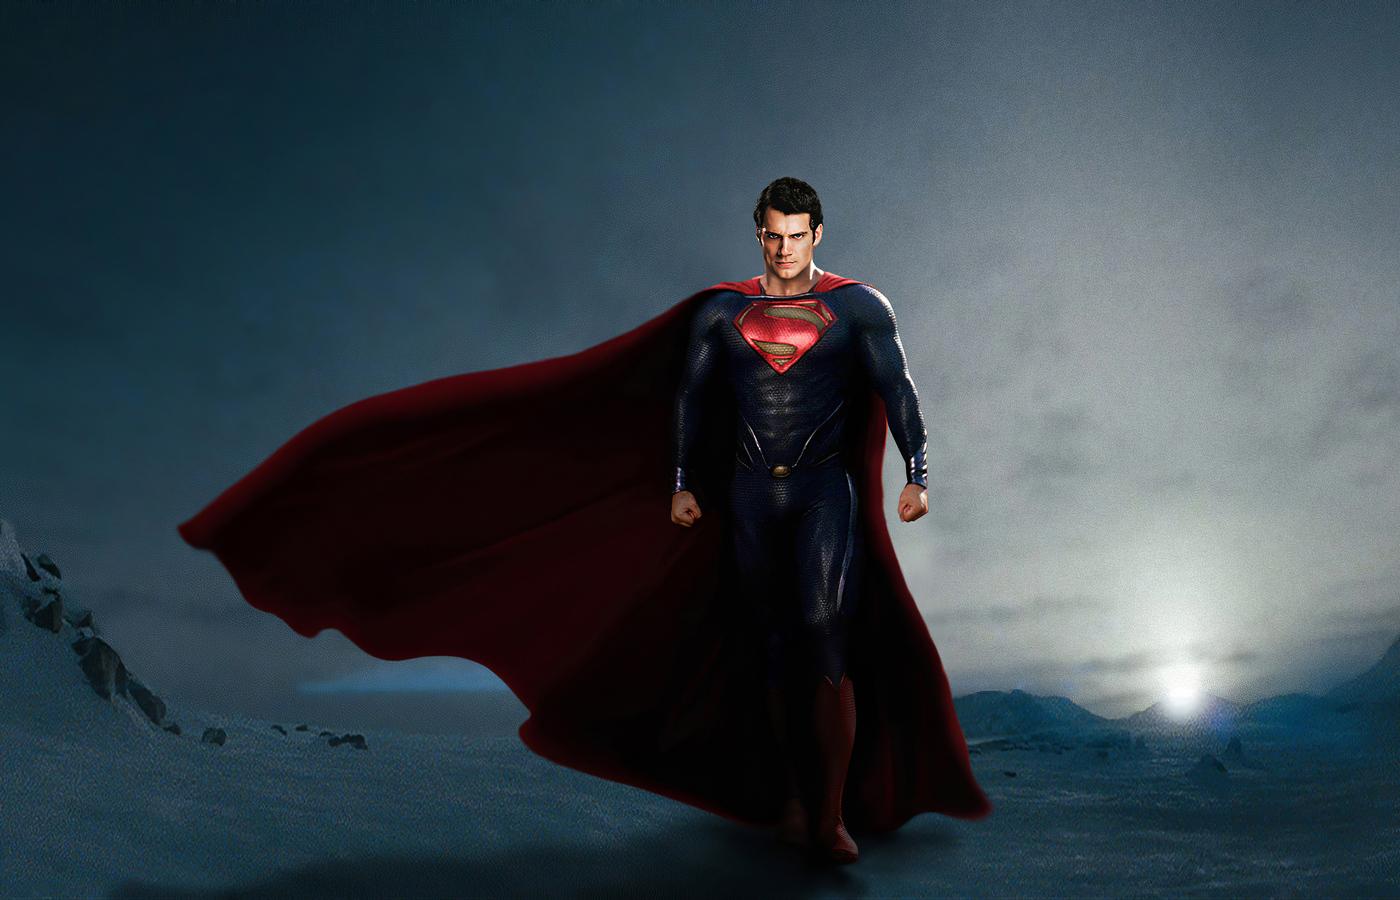 4k-superman-henry-cavill-2020-zm.jpg